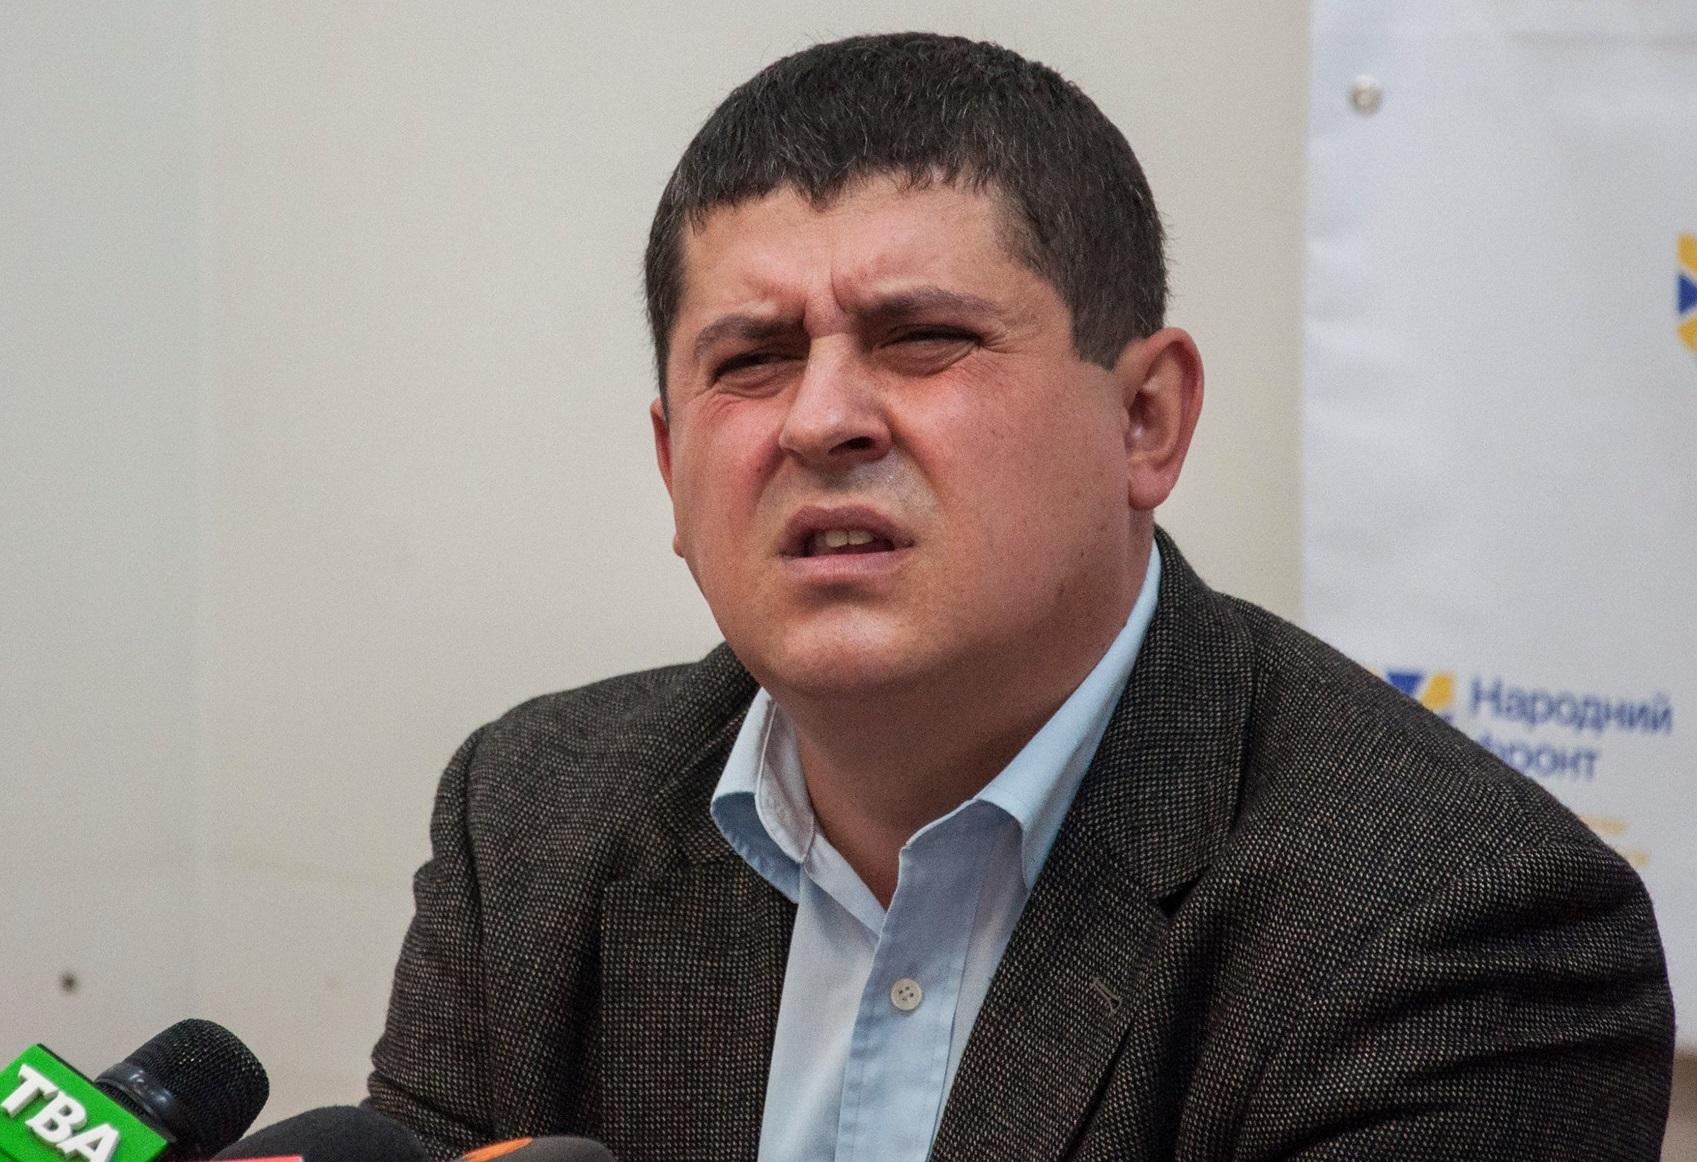 САП обжаловала меру пресечения Мартыненко, - Холодницкий - Цензор.НЕТ 3518